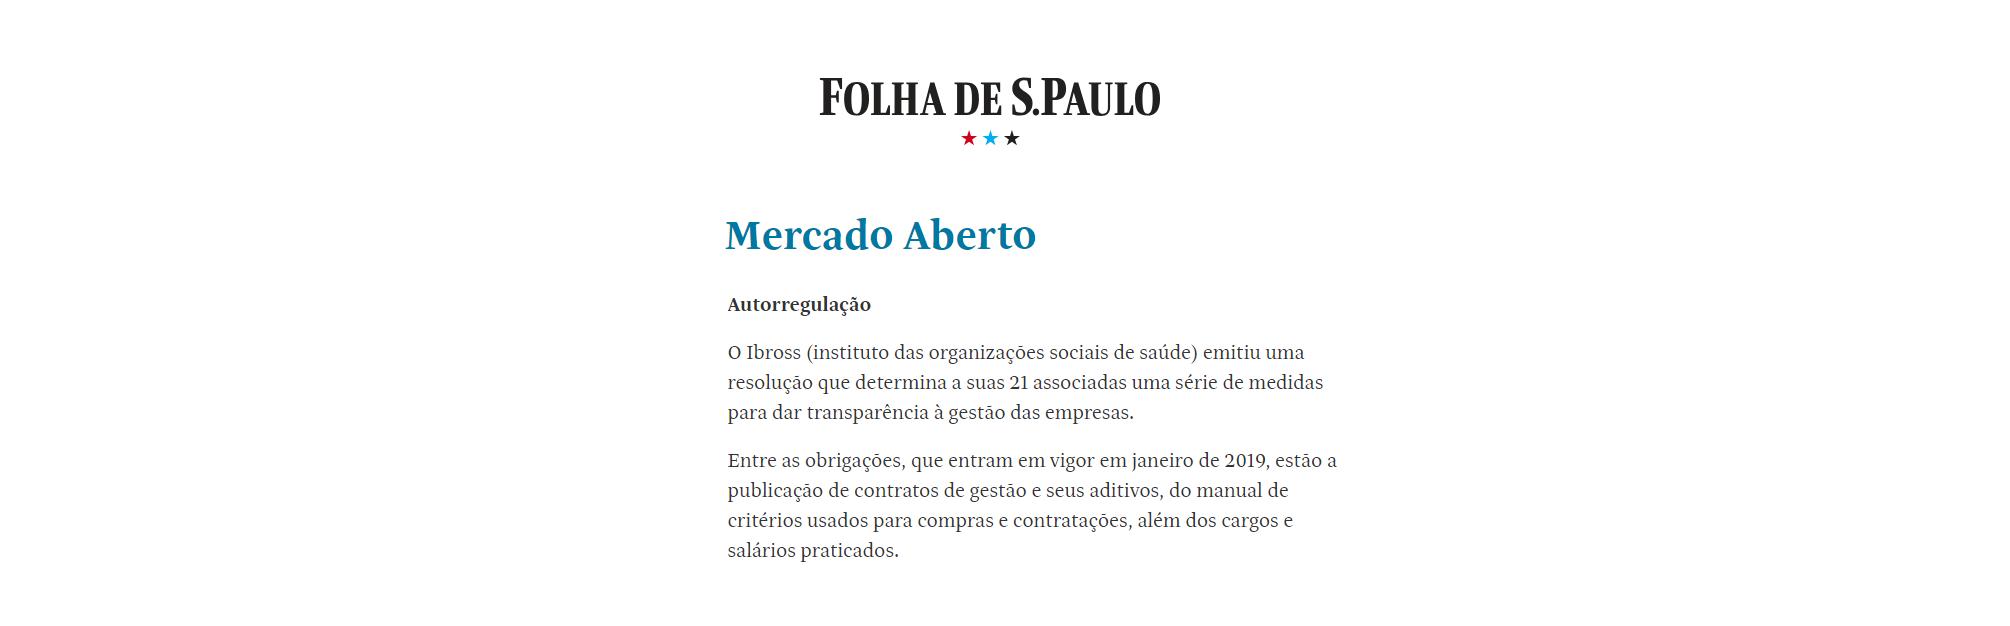 Resolução do Ibross com foco na transparência é destaque na Folha de S. Paulo